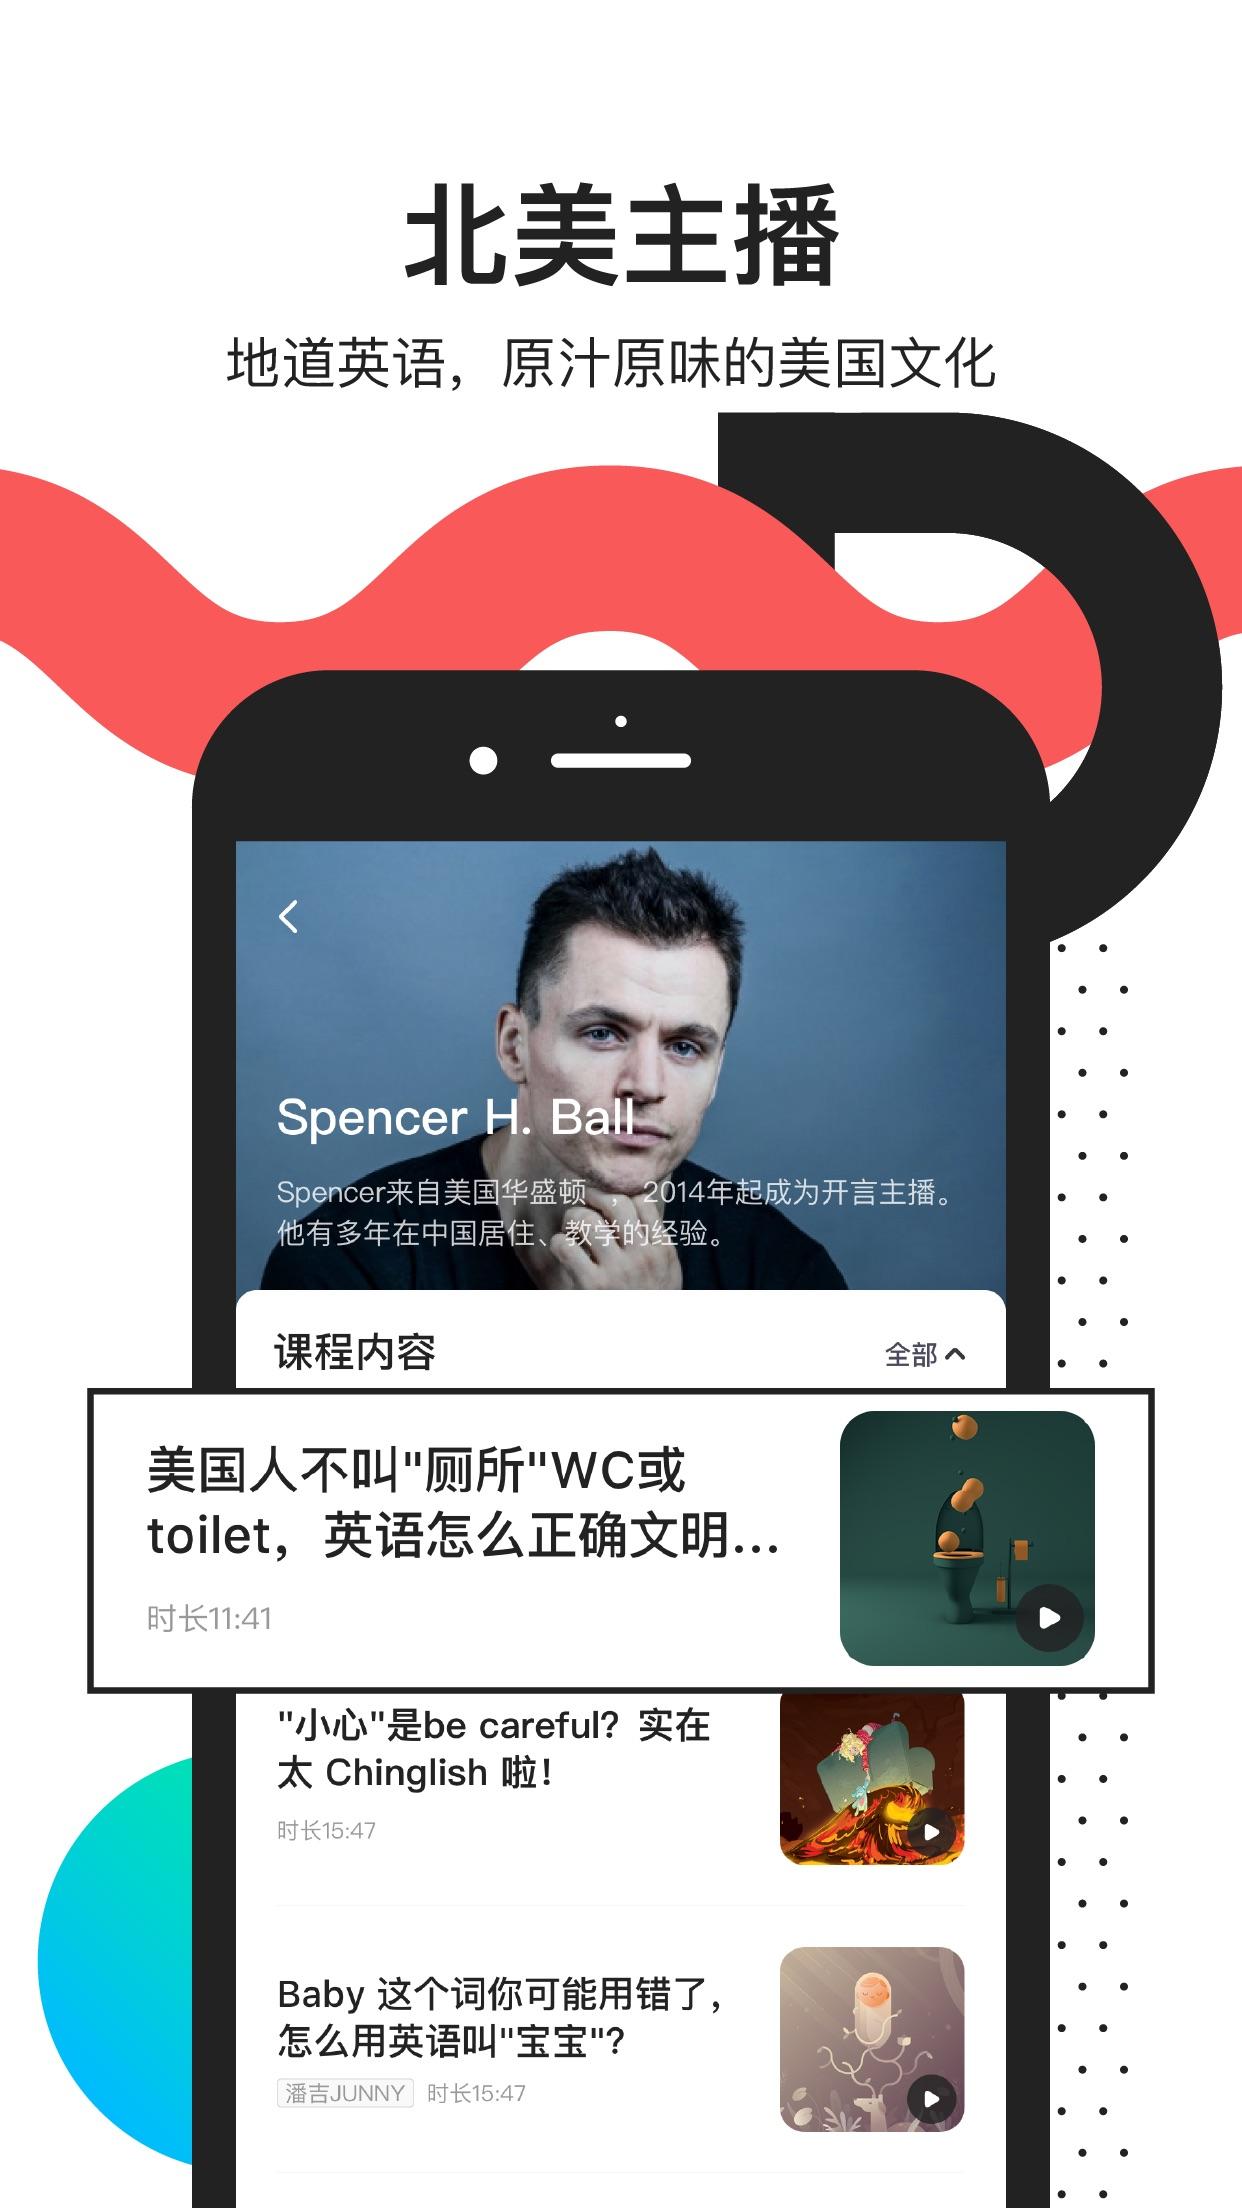 开言英语 - 懒人也能开心学英语 Screenshot